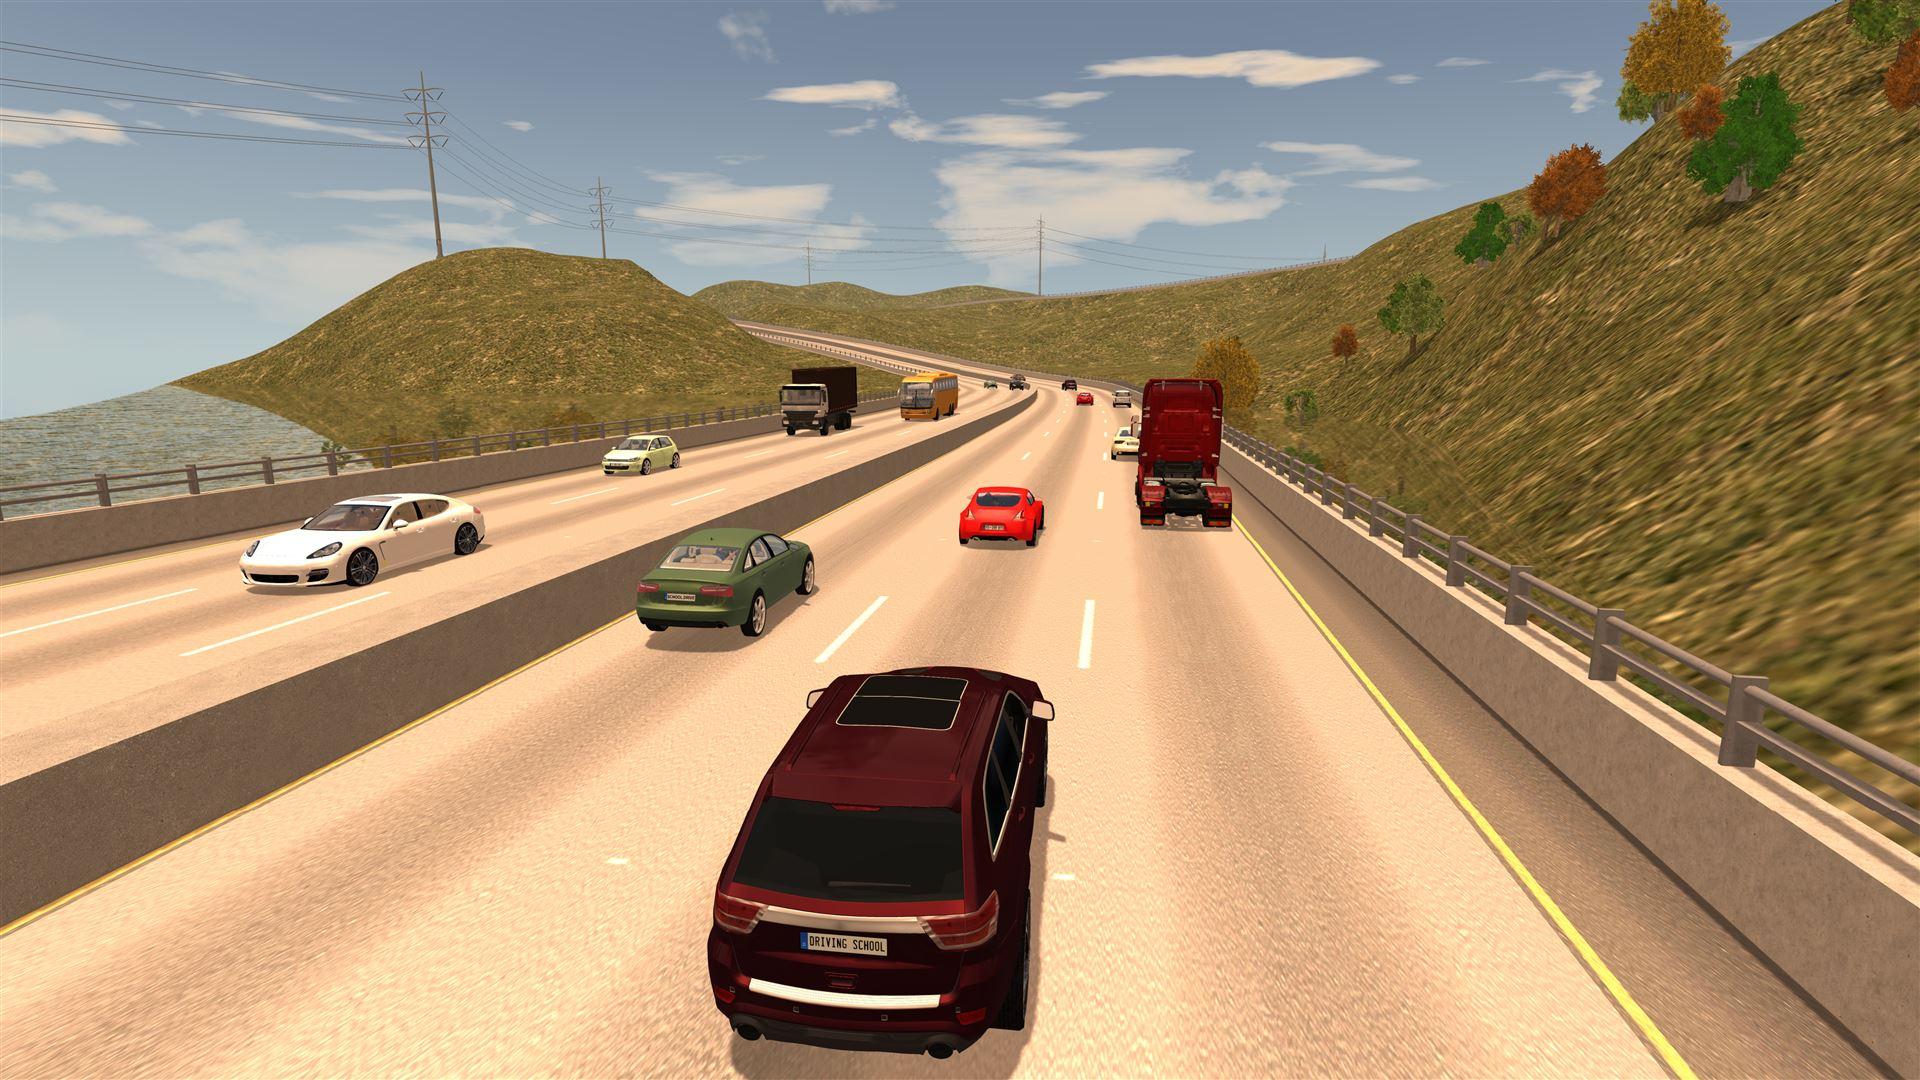 School Driving Game Simulator Car